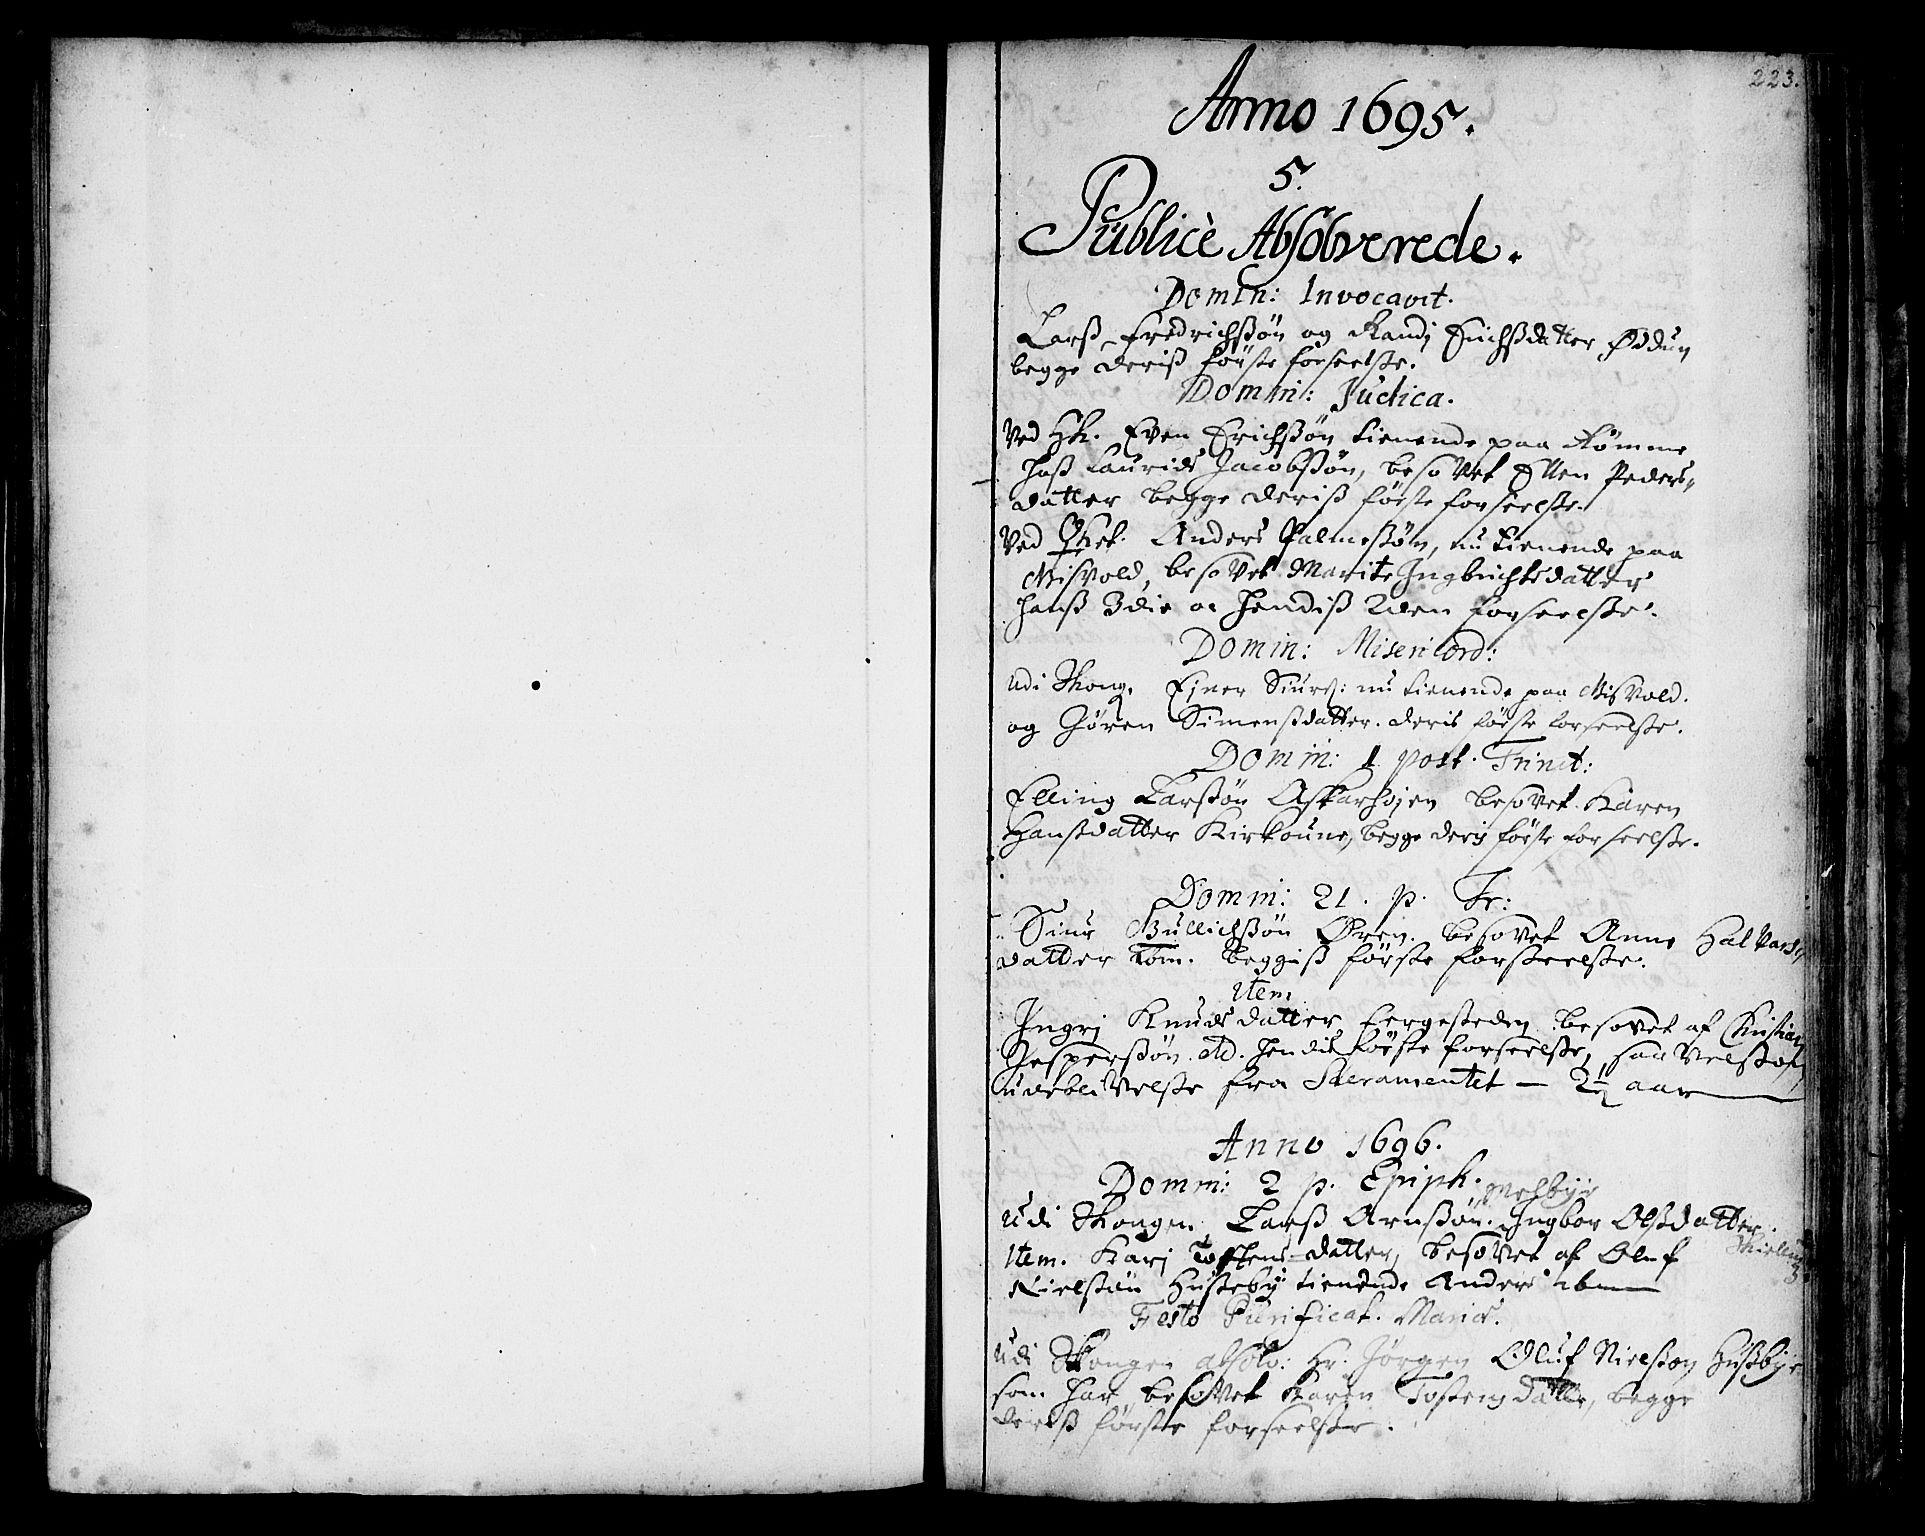 SAT, Ministerialprotokoller, klokkerbøker og fødselsregistre - Sør-Trøndelag, 668/L0801: Ministerialbok nr. 668A01, 1695-1716, s. 222-223